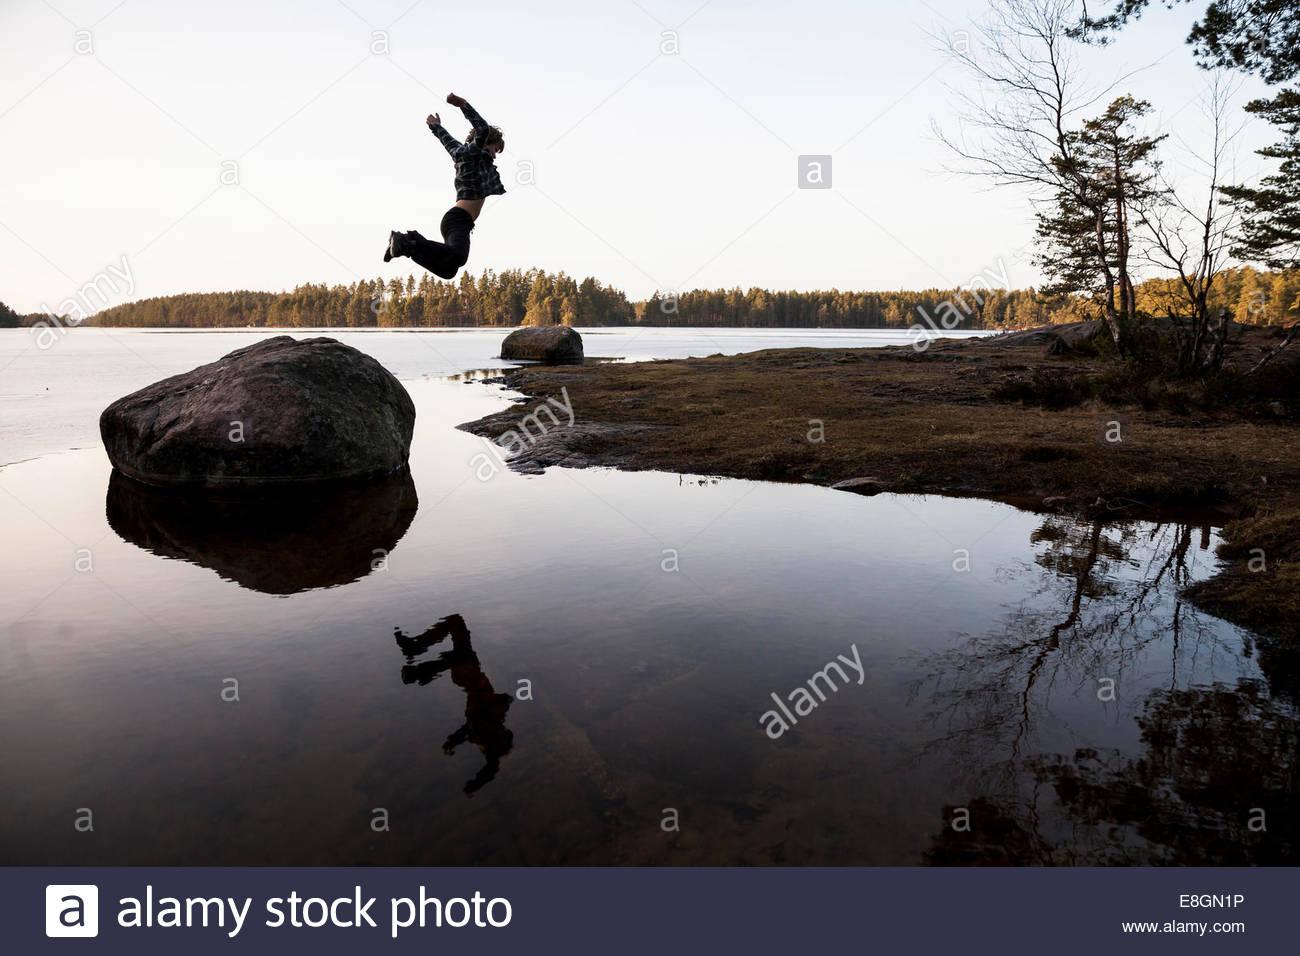 Voller Länge des jungen springen von Stein über dem Wasser Stockbild